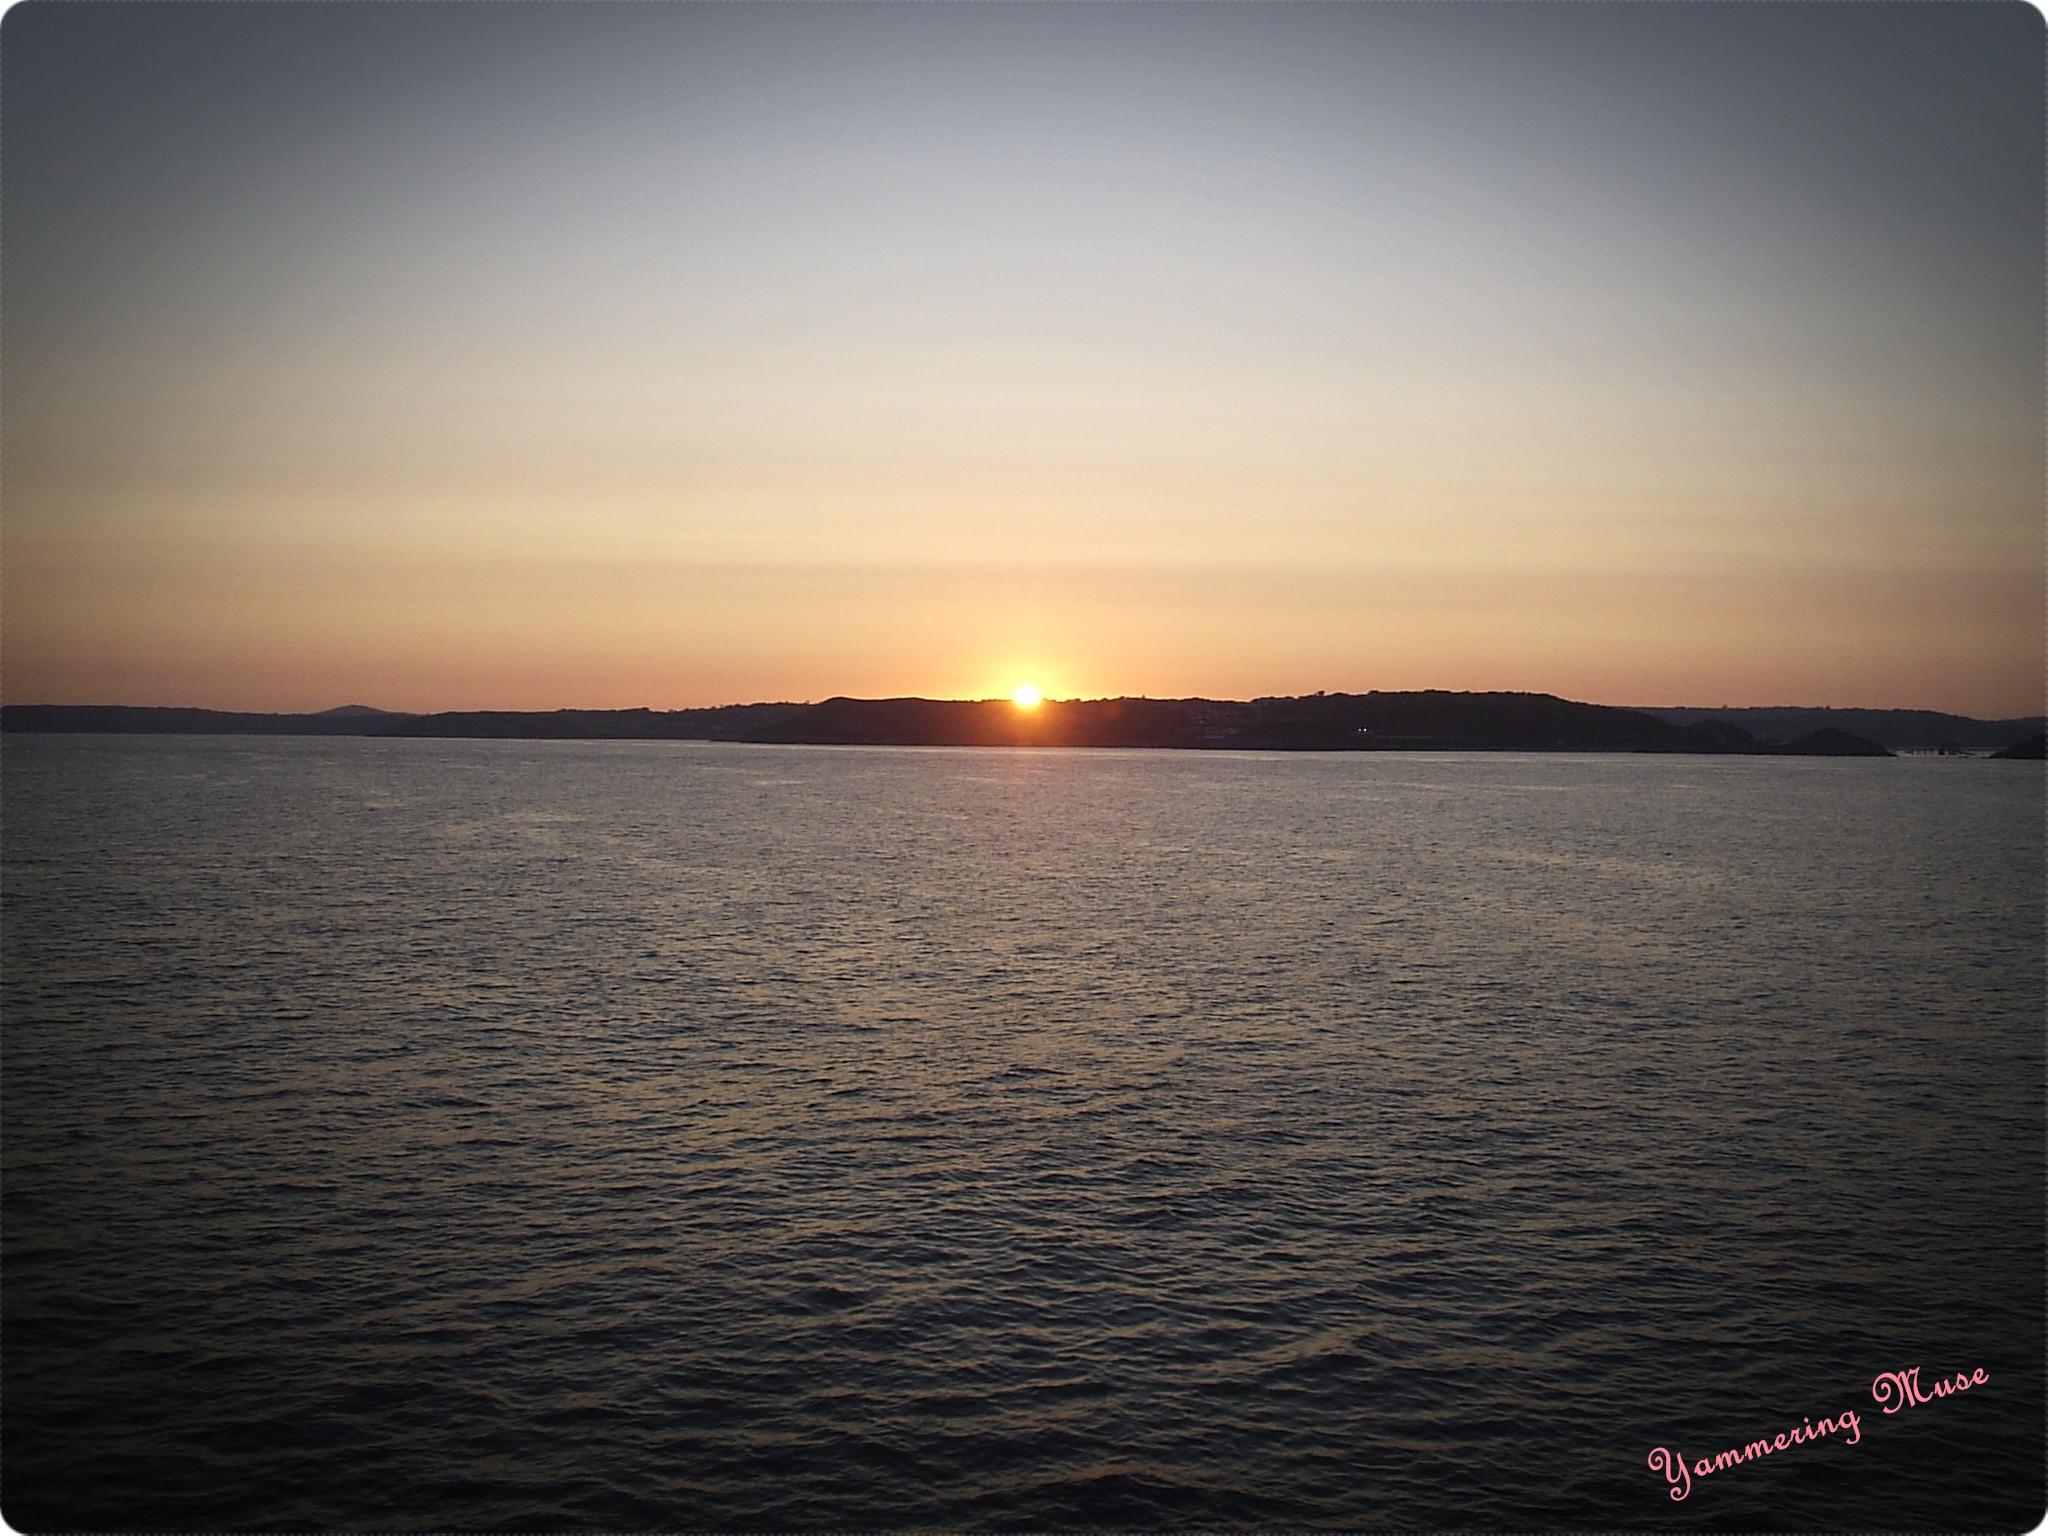 Sun Set on the way to Ireland